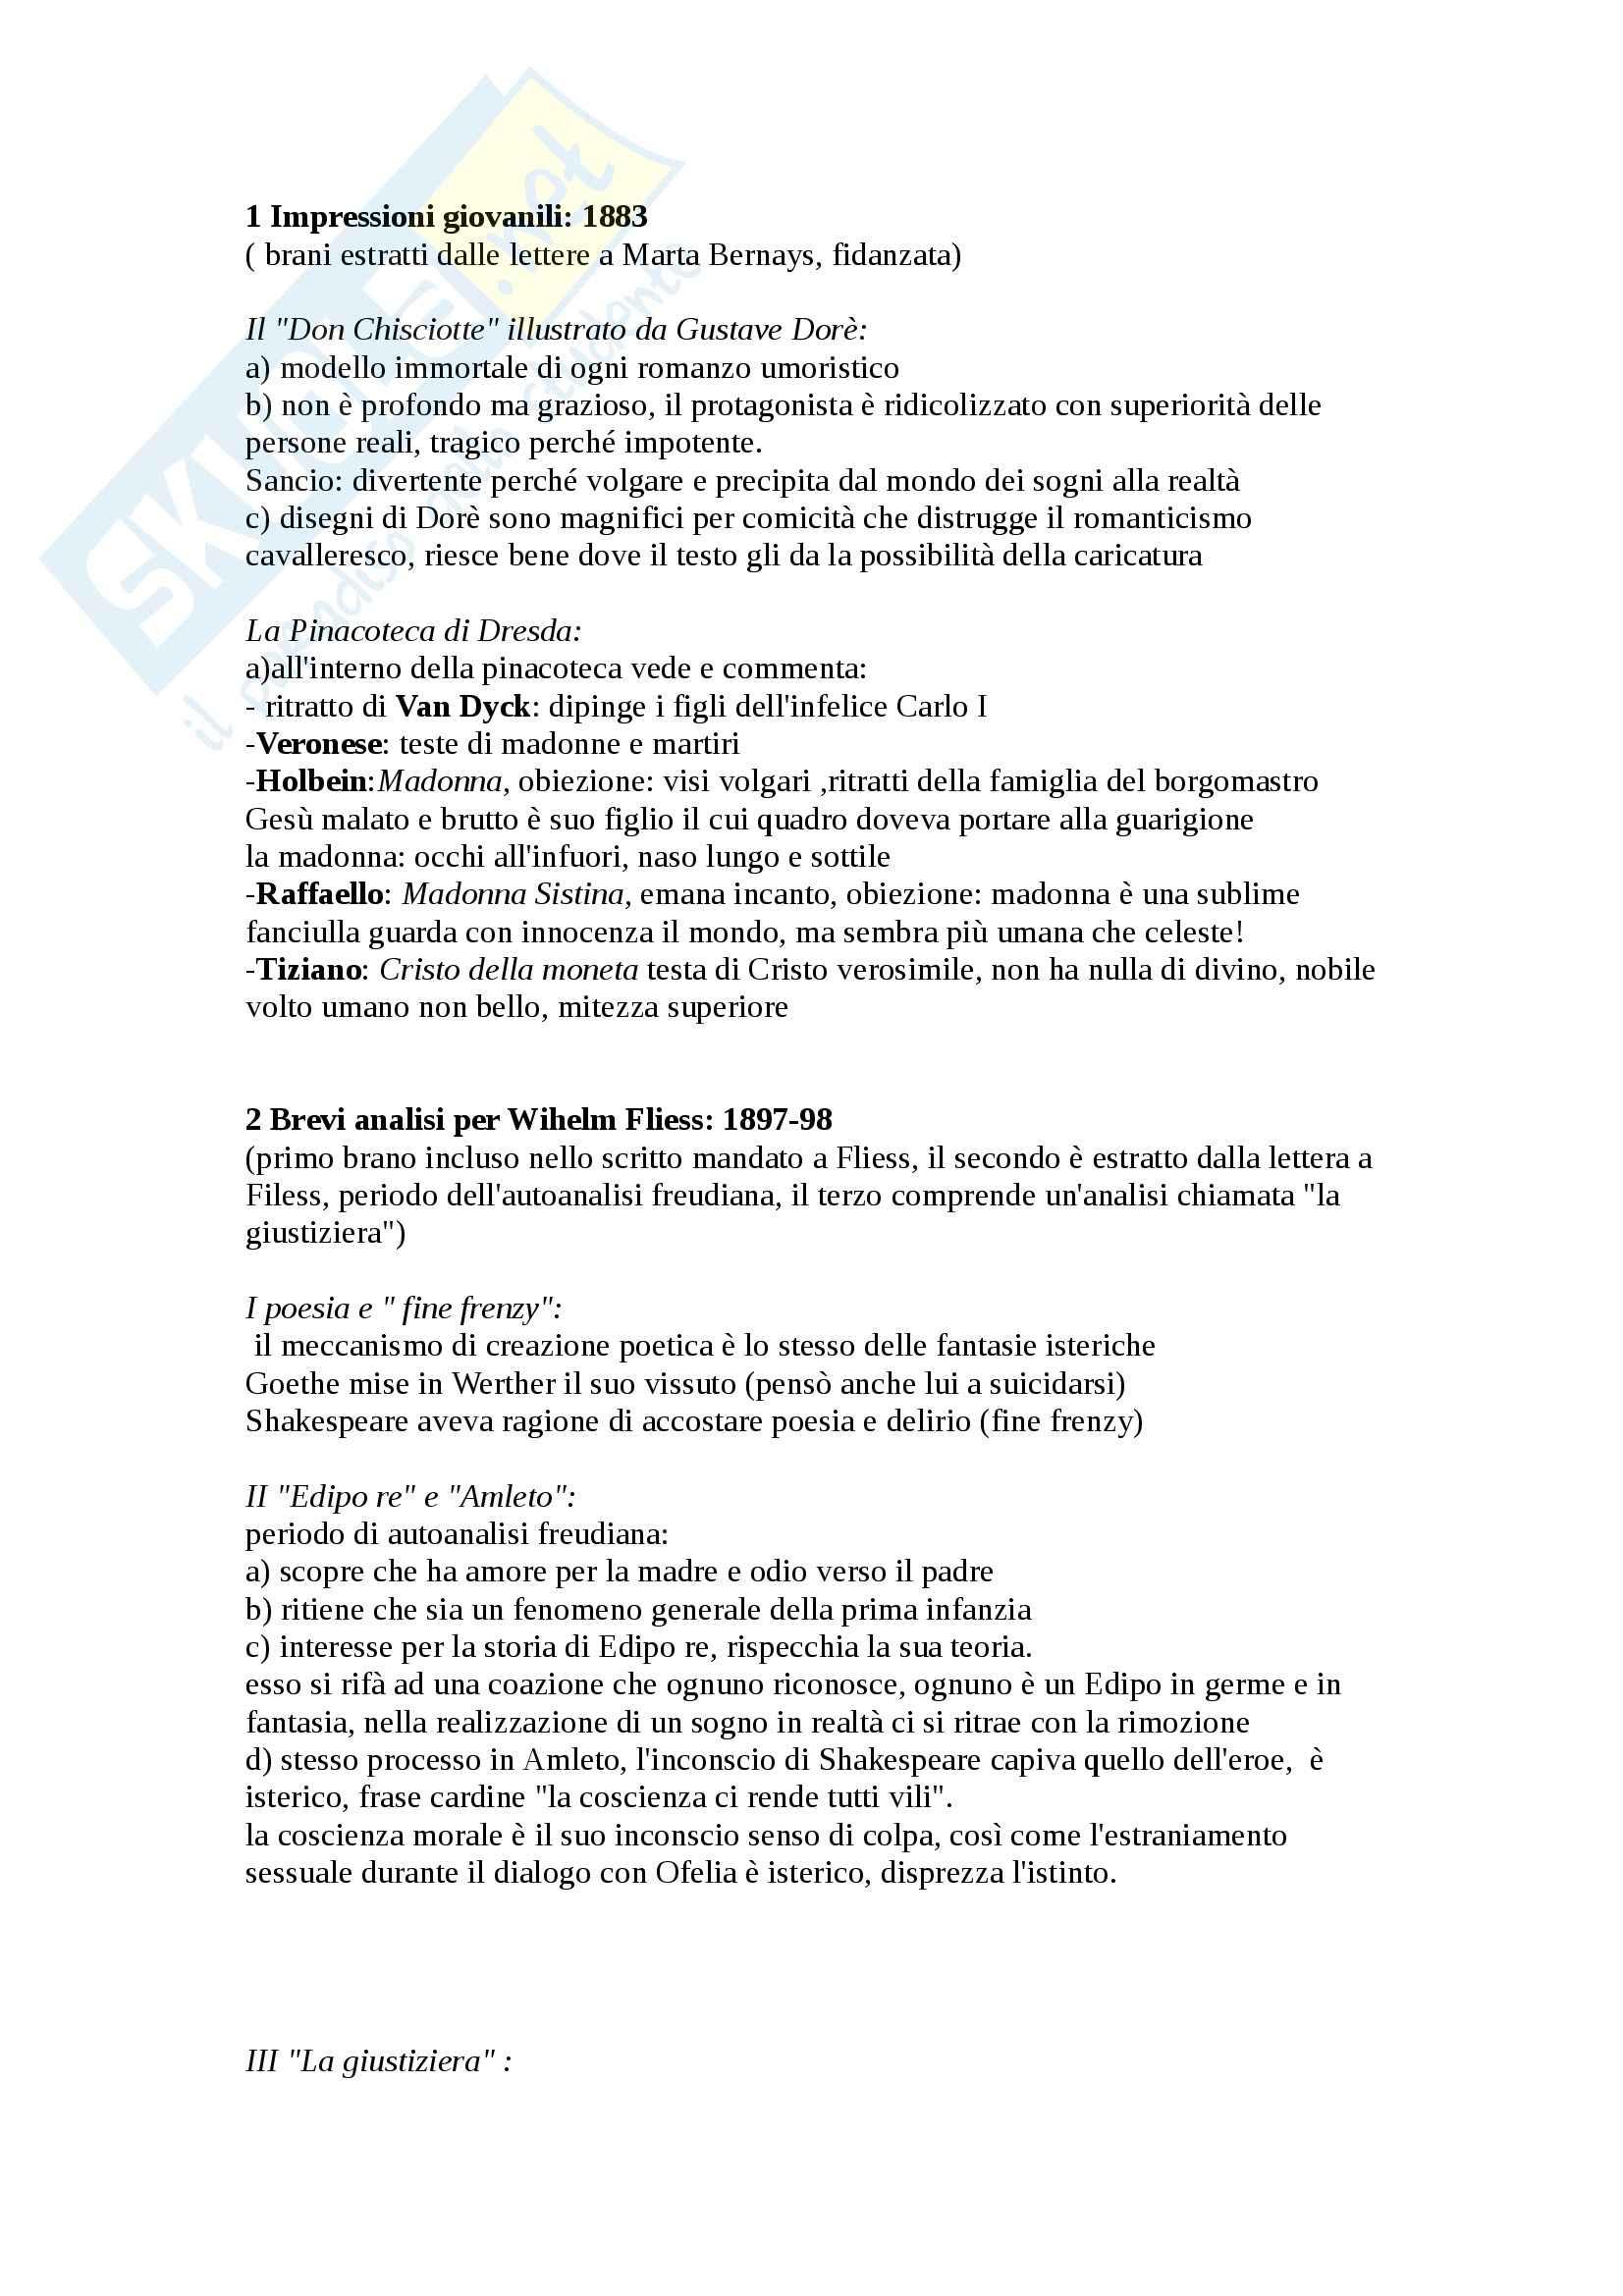 Riassunto esame Psicologia, prof. Ferrari, libro consigliato Saggi sull'arte, la letteratura, il linguaggio, Freud